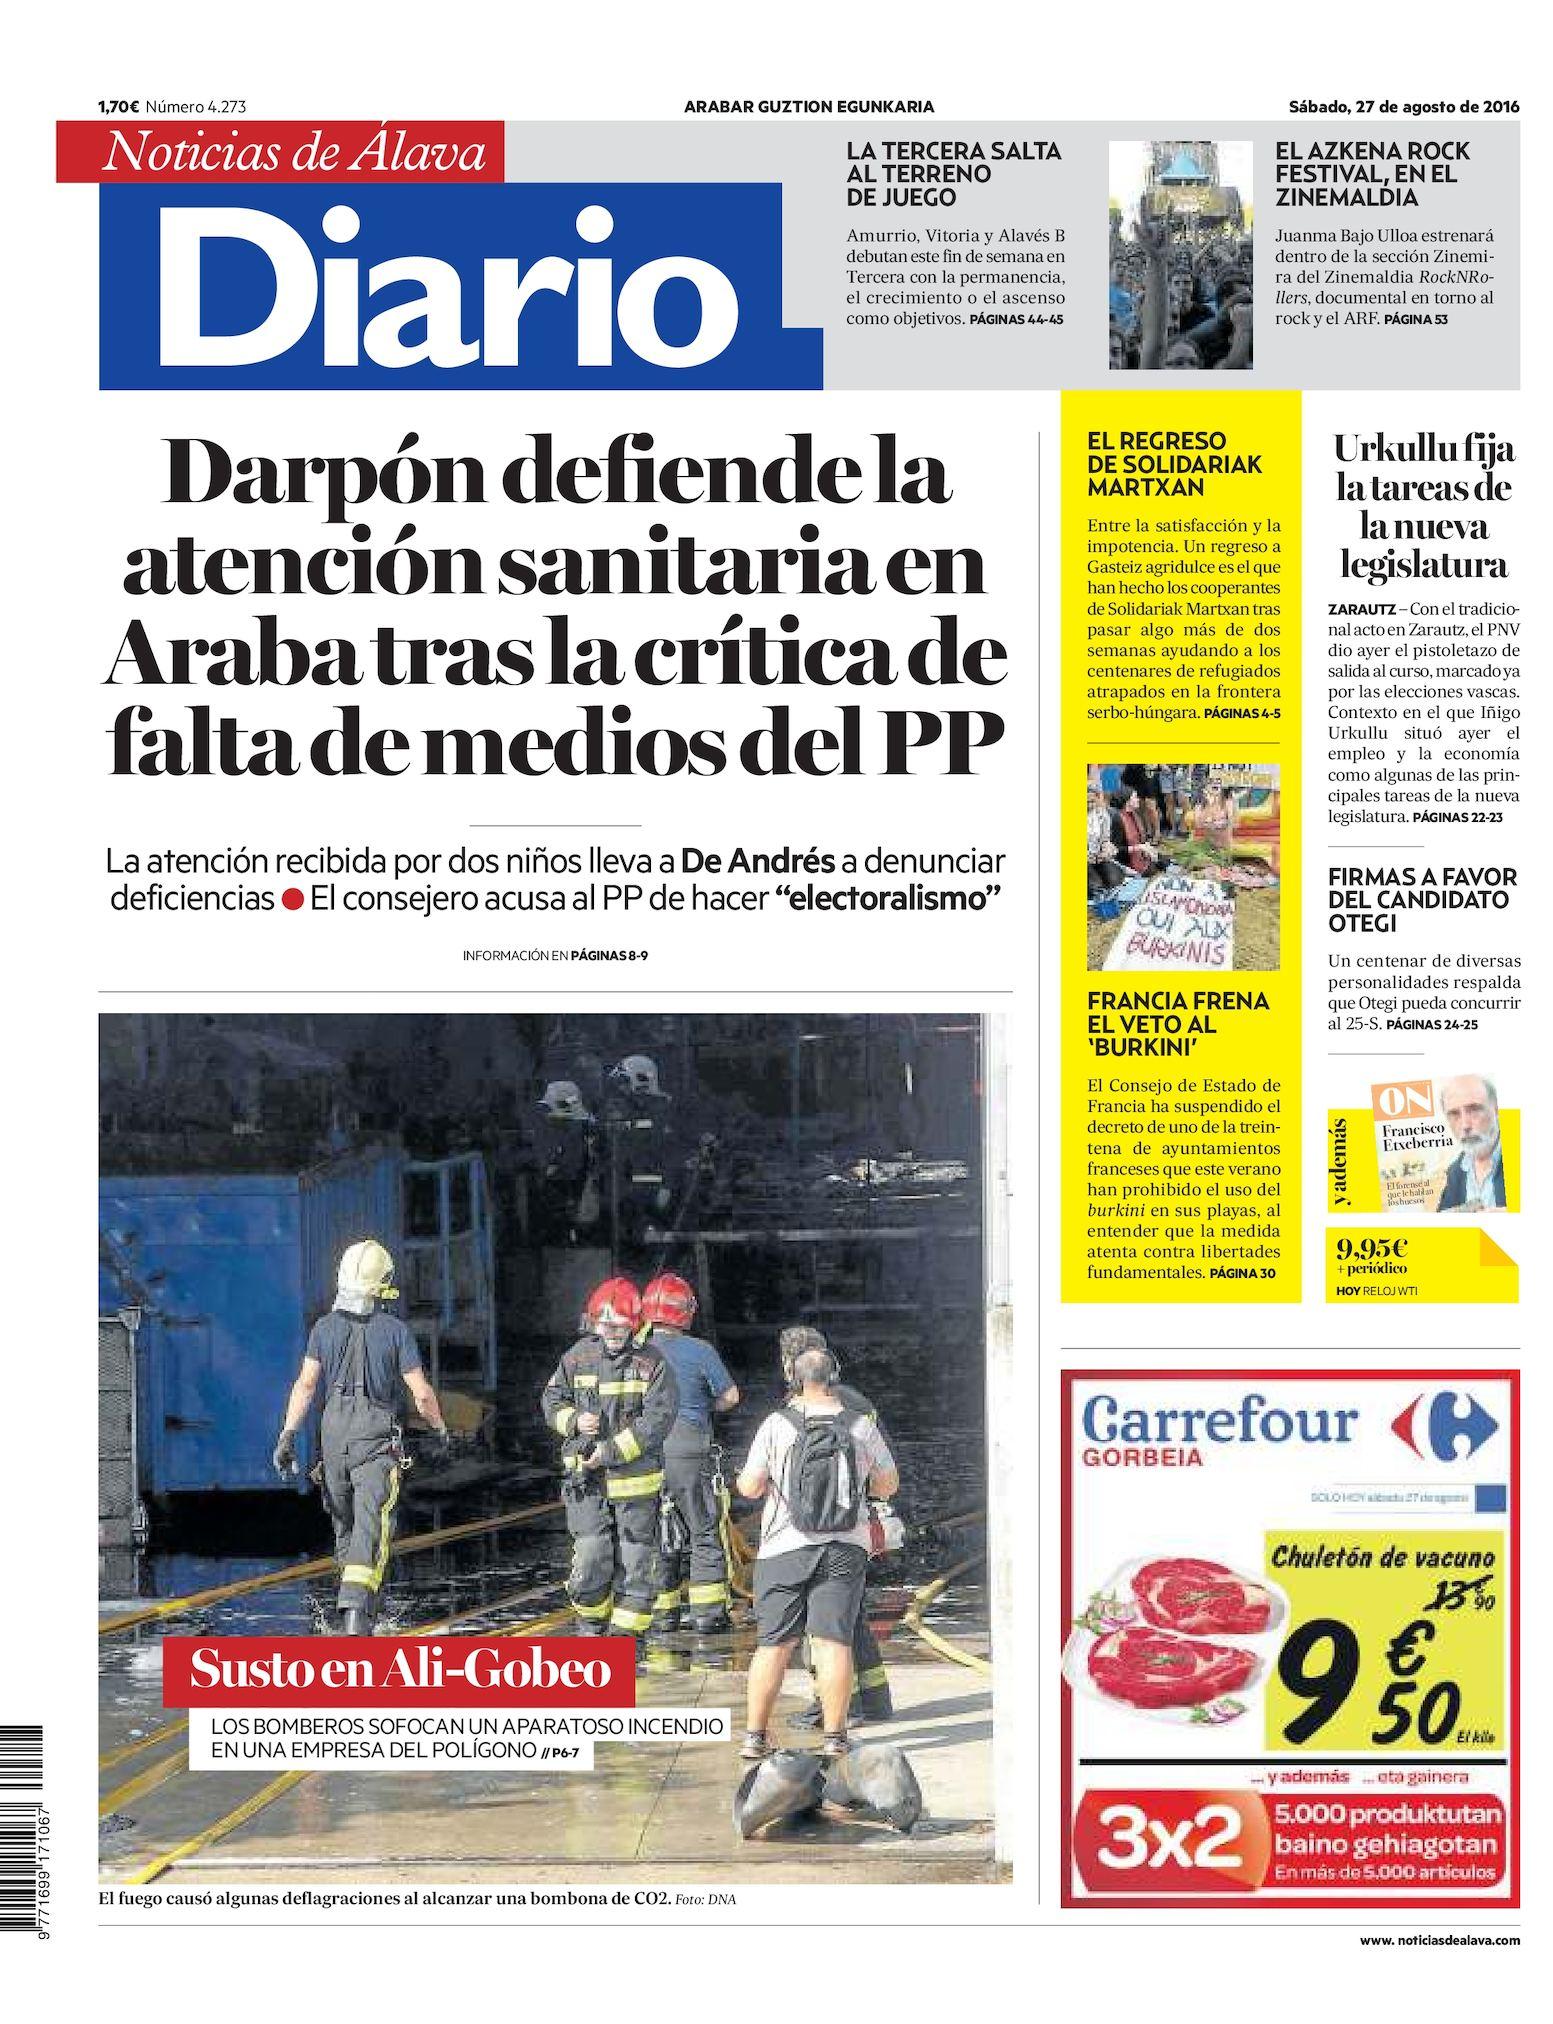 Calaméo - Diario de Noticias de Álava 20160827